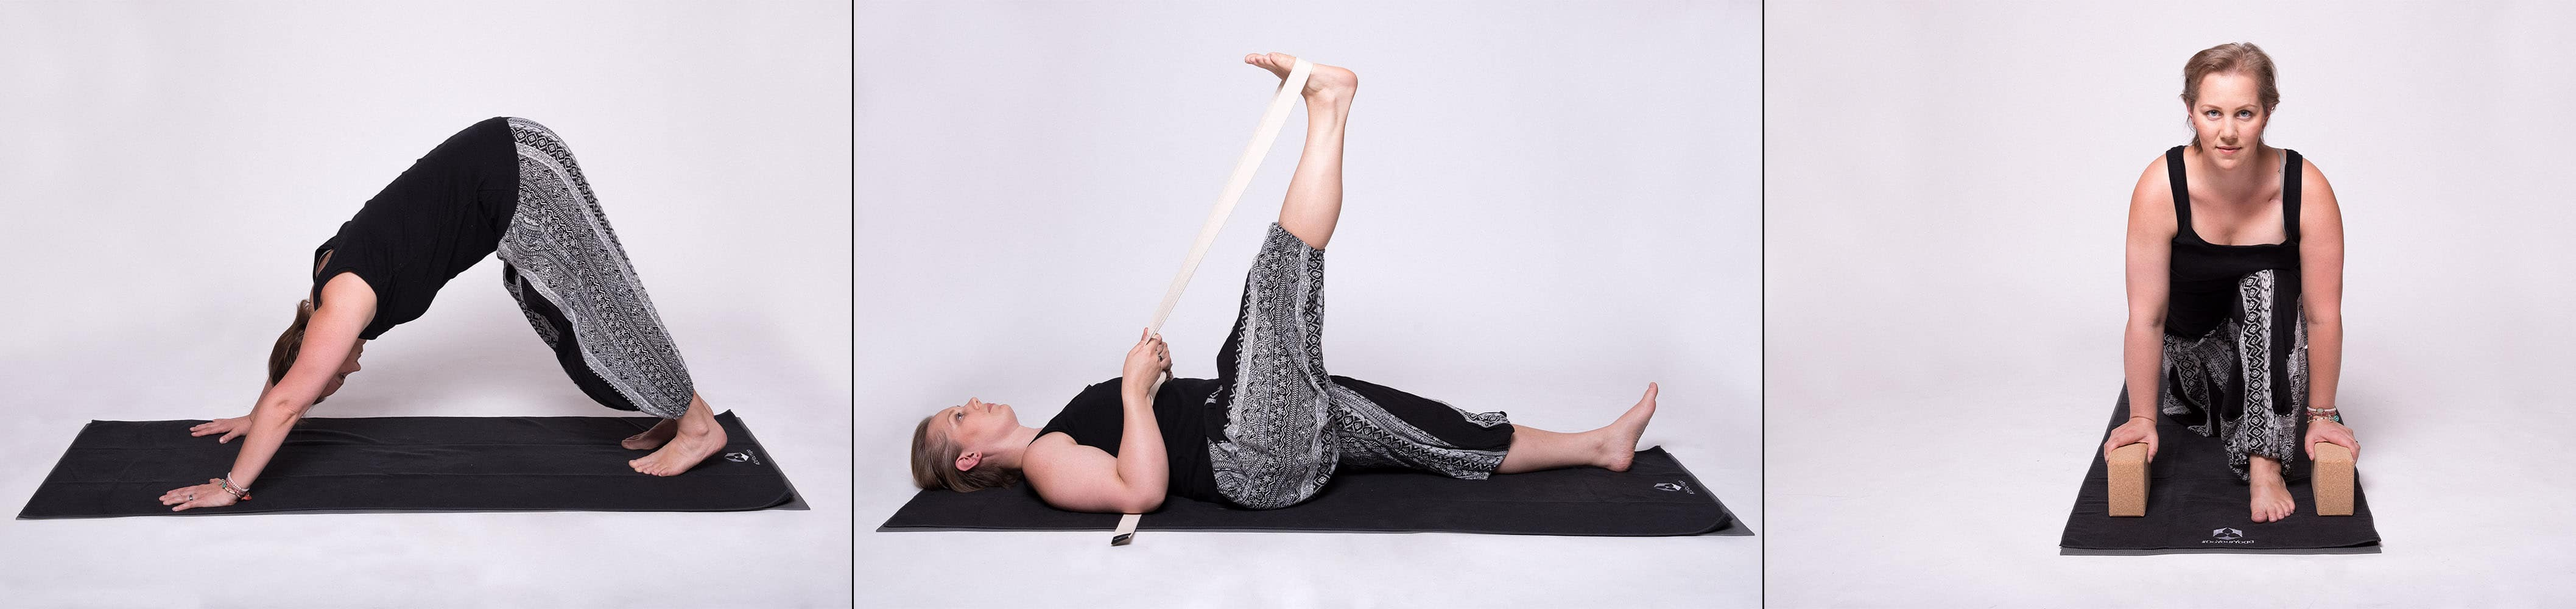 Yoga Übung Yogamatte Band